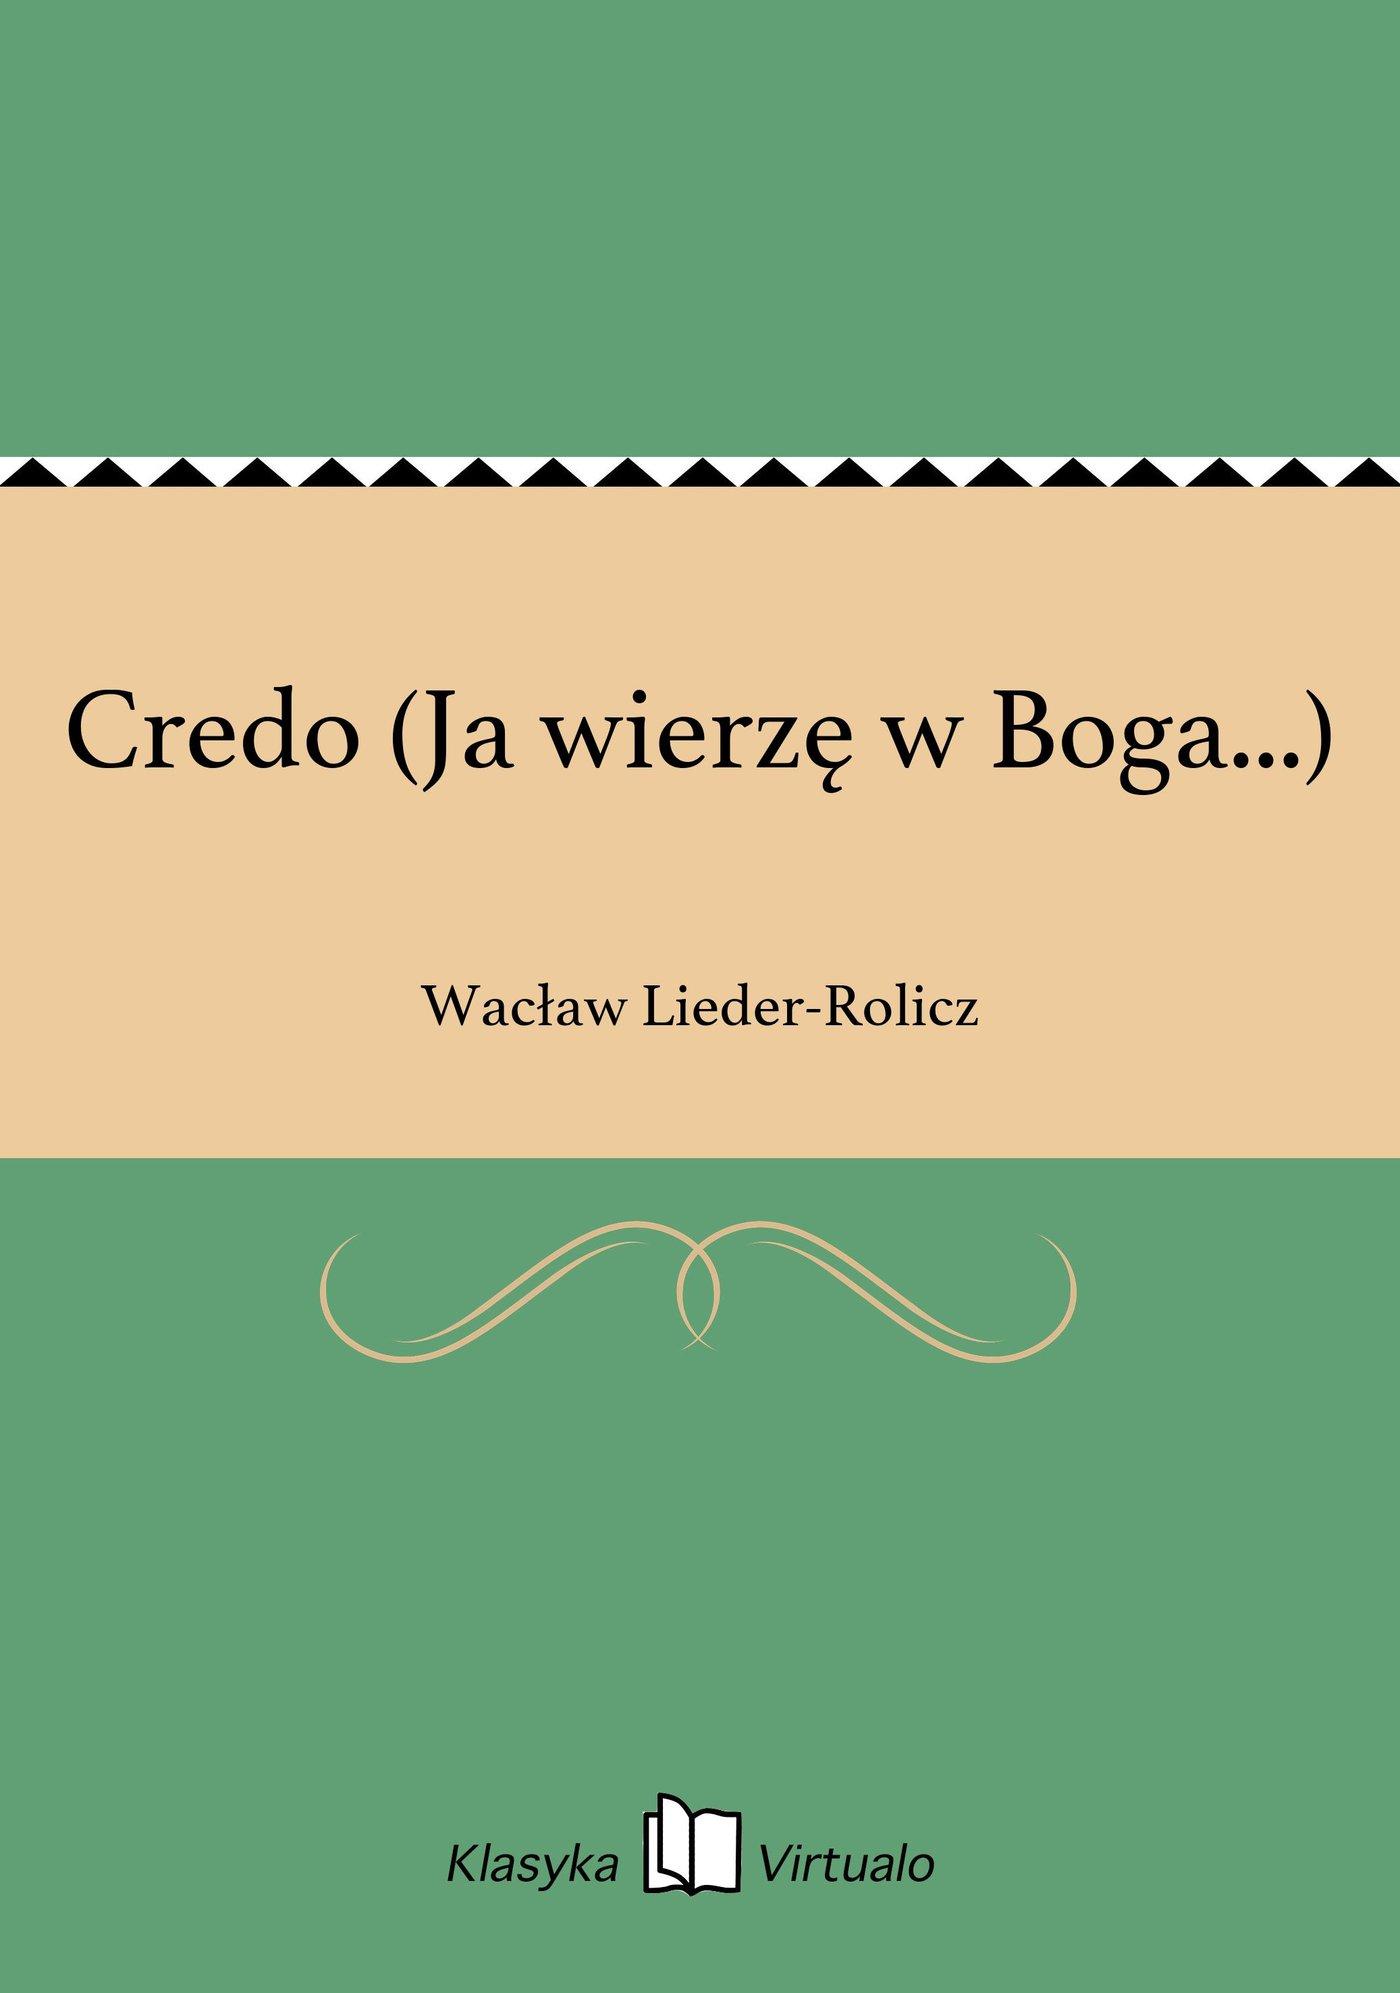 Credo (Ja wierzę w Boga...) - Ebook (Książka EPUB) do pobrania w formacie EPUB